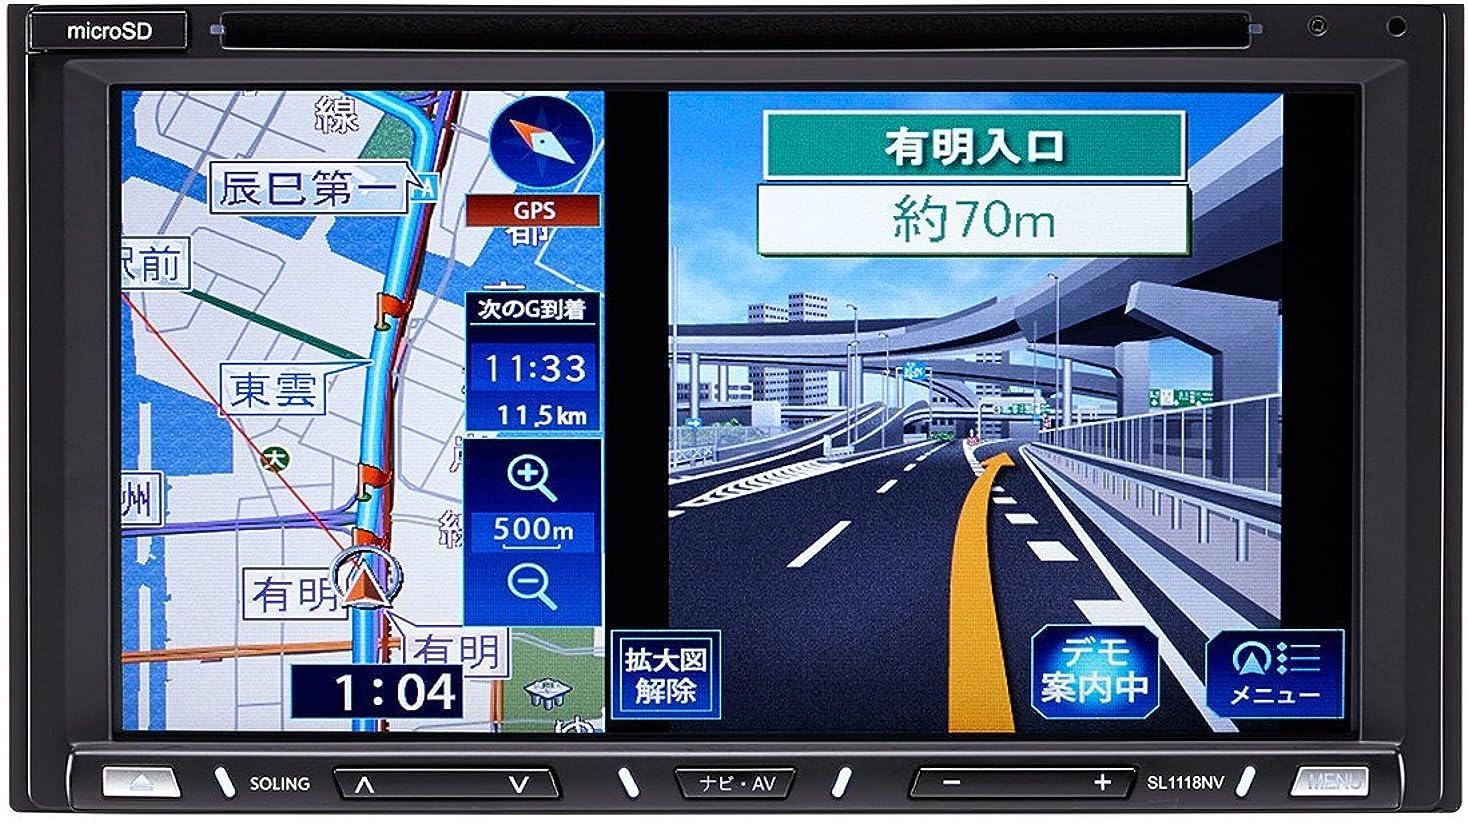 寄託断言する毛皮KENWOOD ケンウッド カーナビ 7インチMDV-S706 彩速ナビゲーションシステム Android iPhone 対応